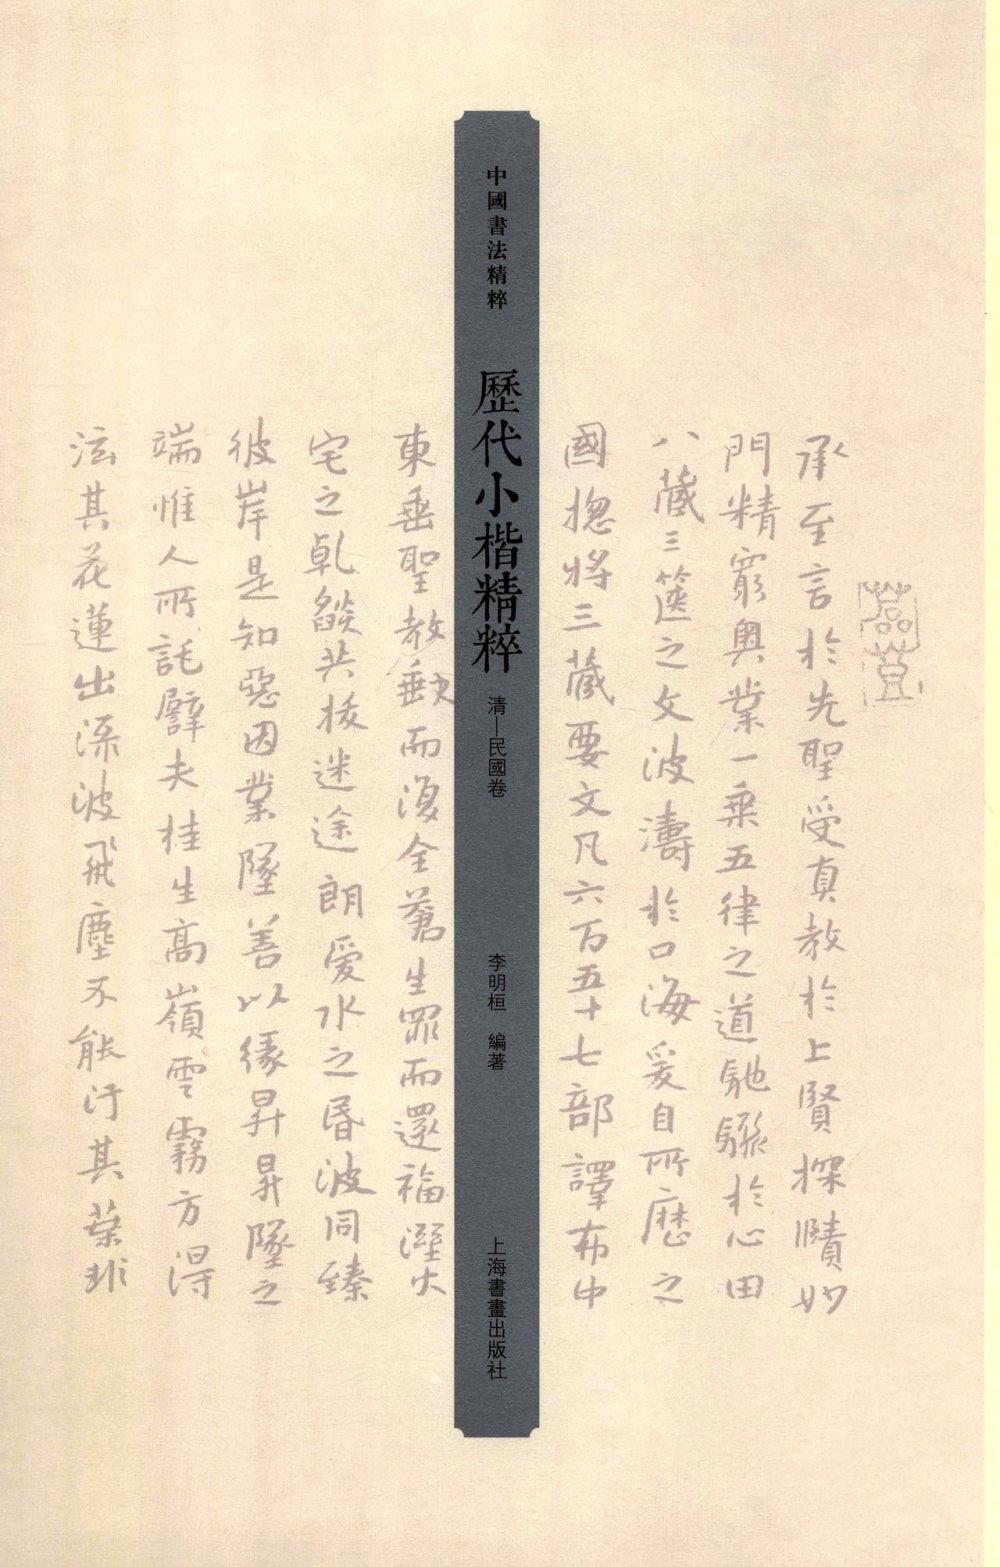 歷代小楷精粹:清-民國卷